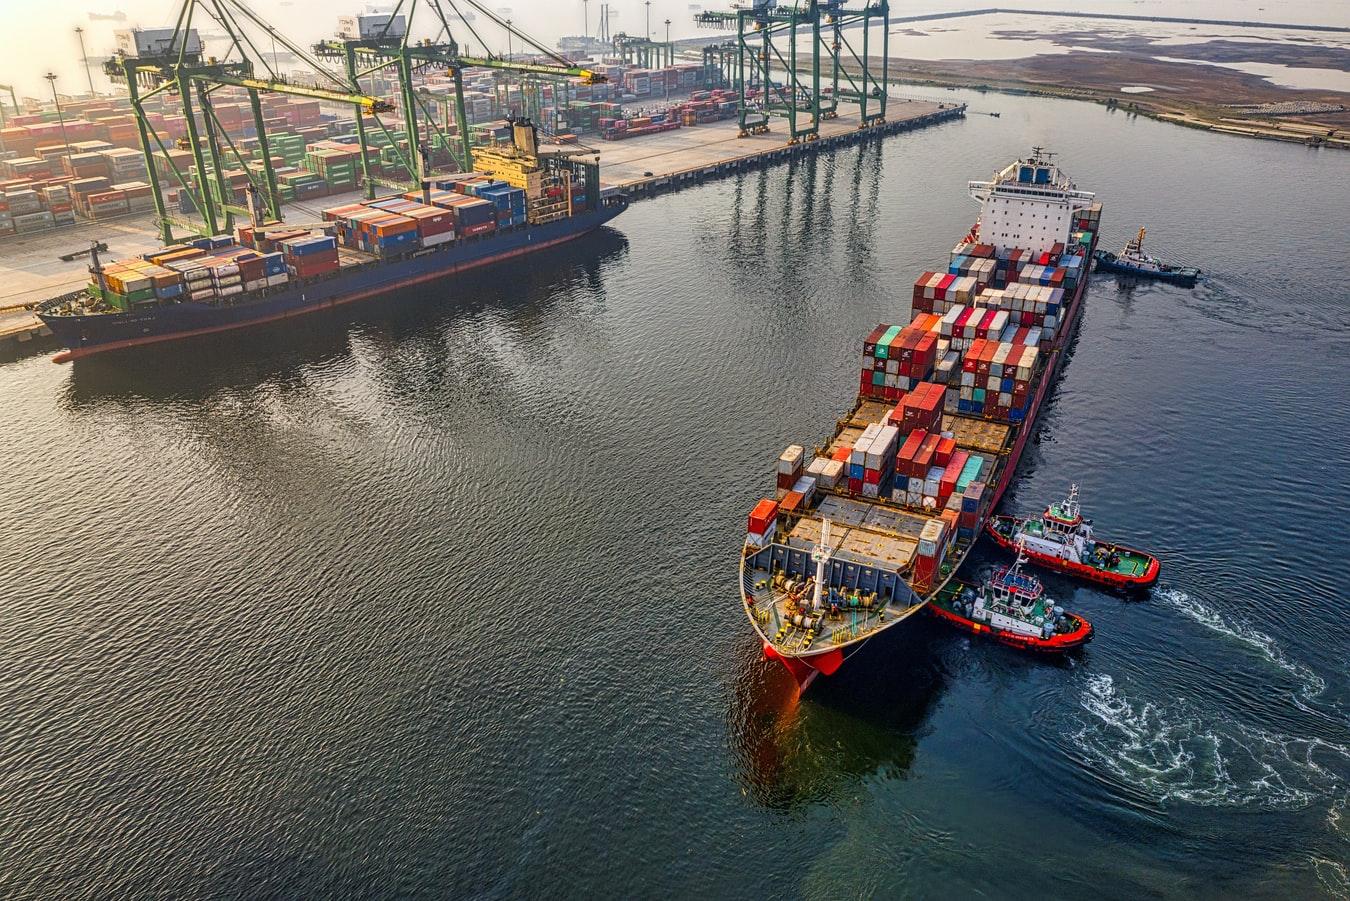 Phí ship hàng từ Hàn quốc về Việt Nam có phải tính thêm loại phí nào khác không?